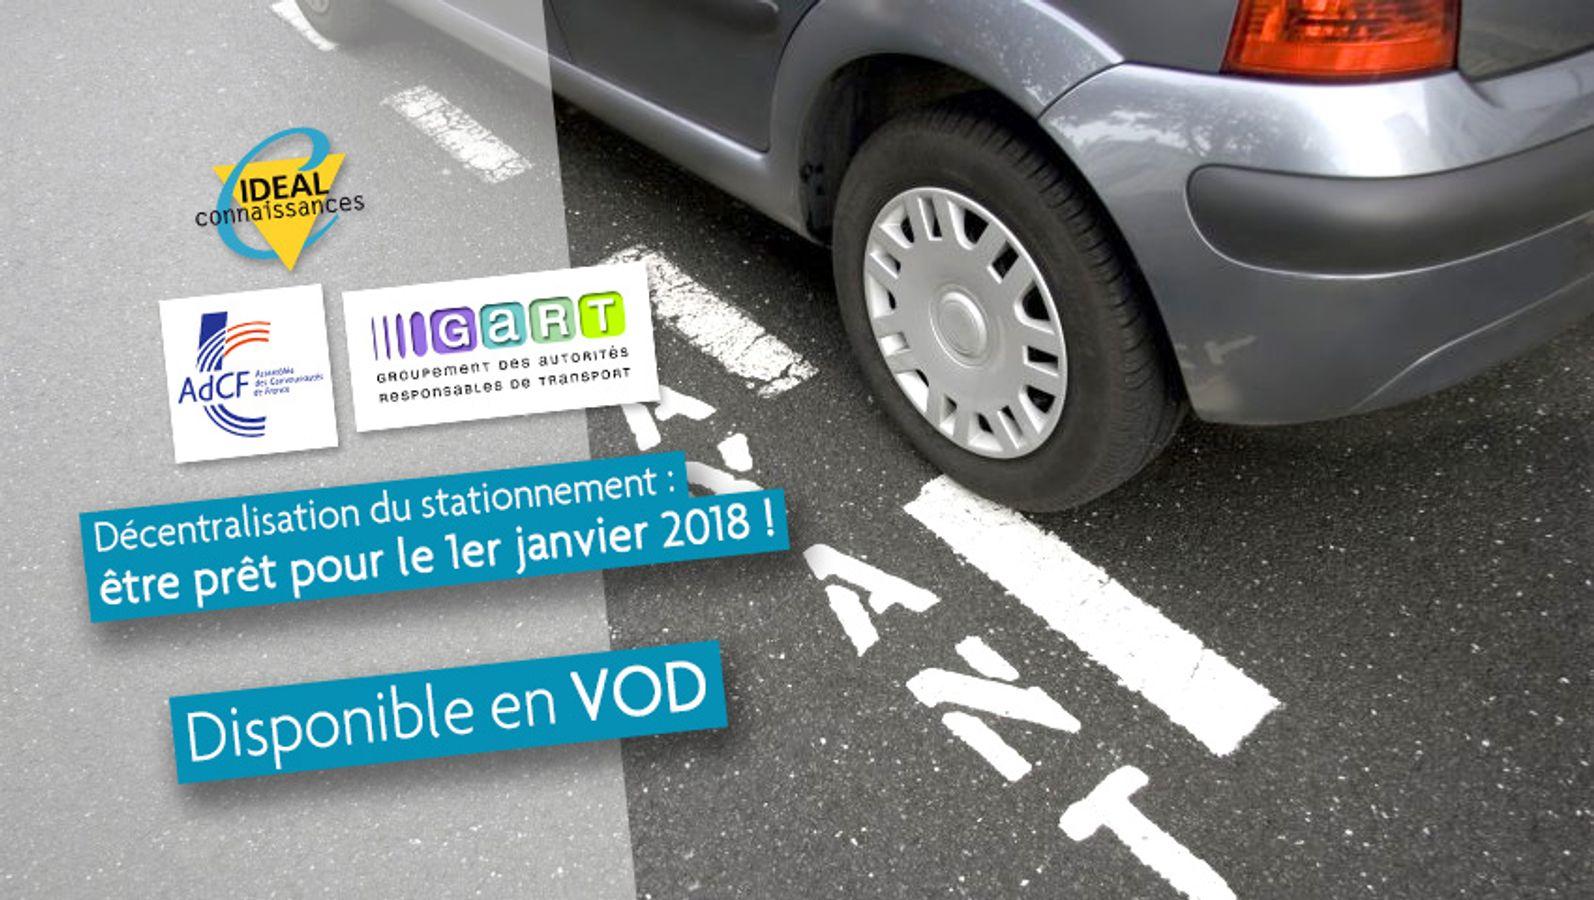 Décentralisation du stationnement : être prêt pour le 1er janvier 2018 !